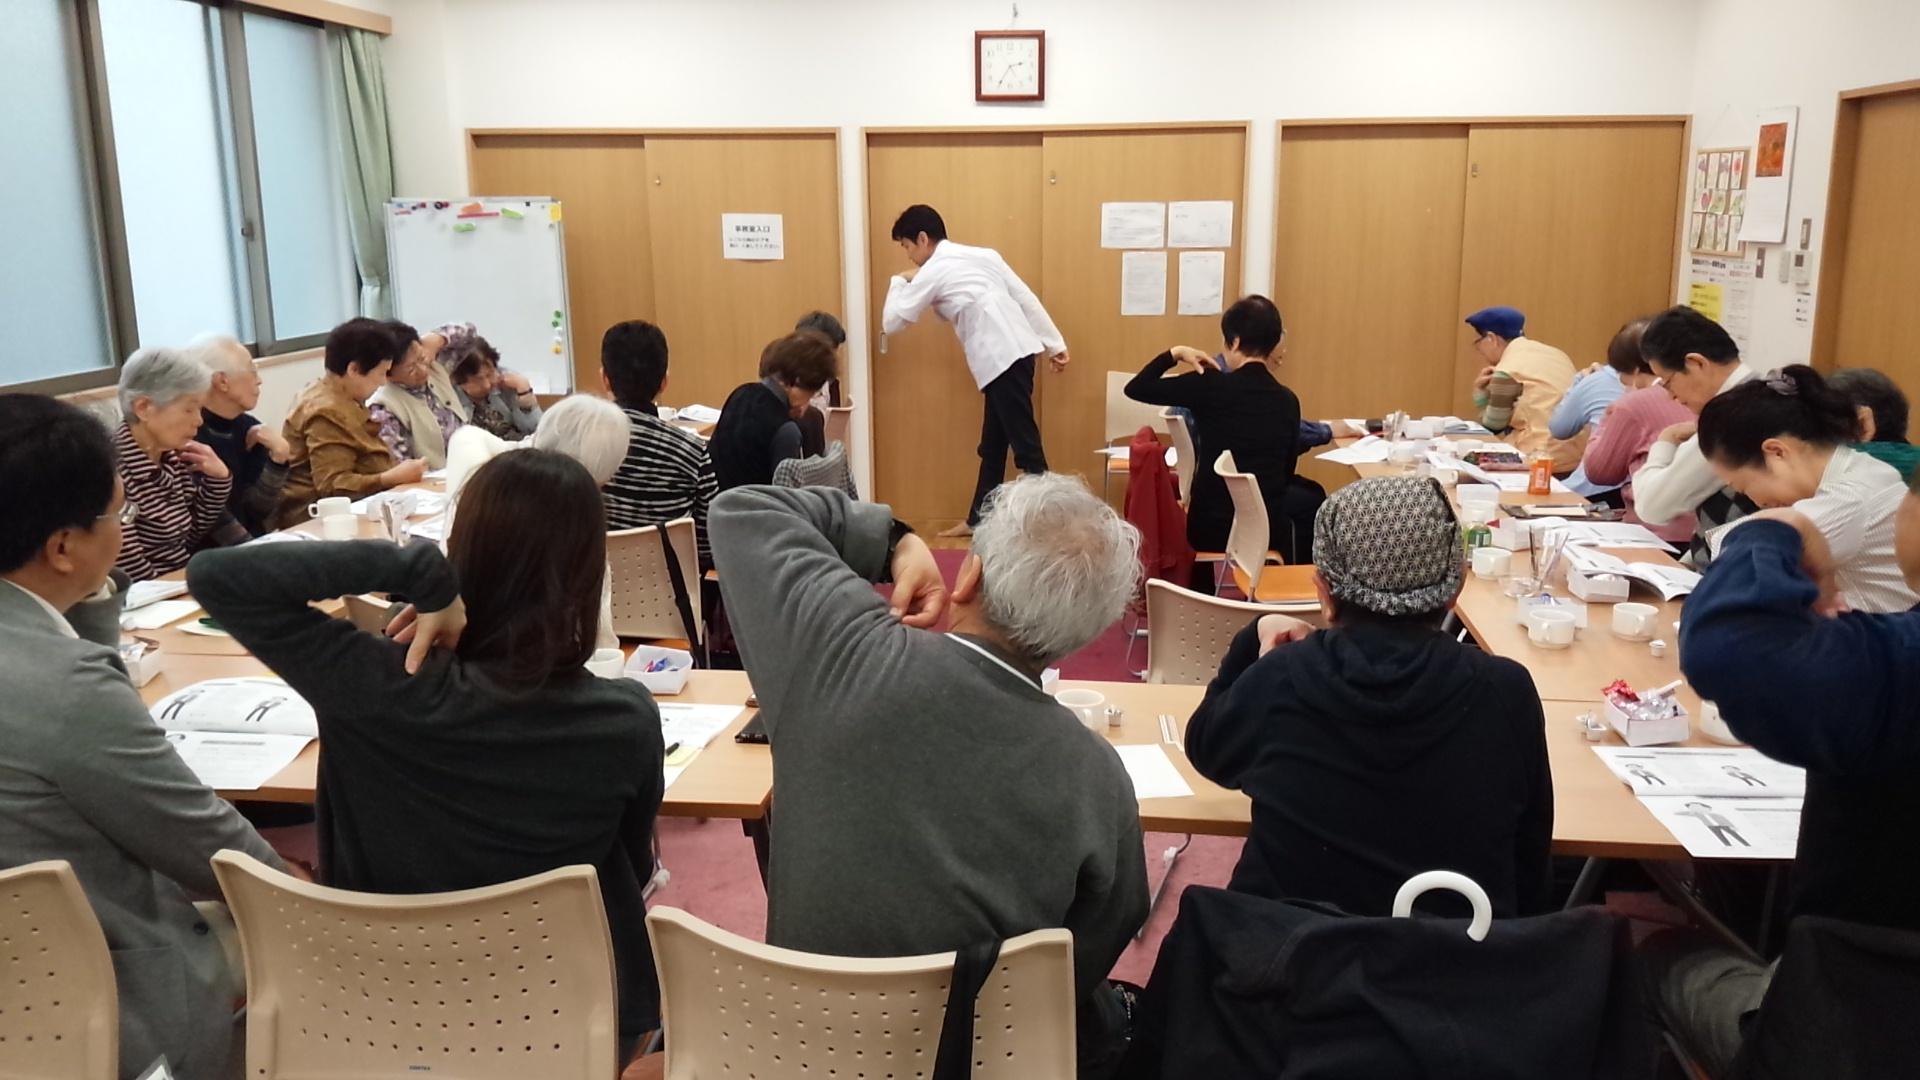 訪問マッサージ 東京在宅サービスの研修会活動/品川区ほっとサロン